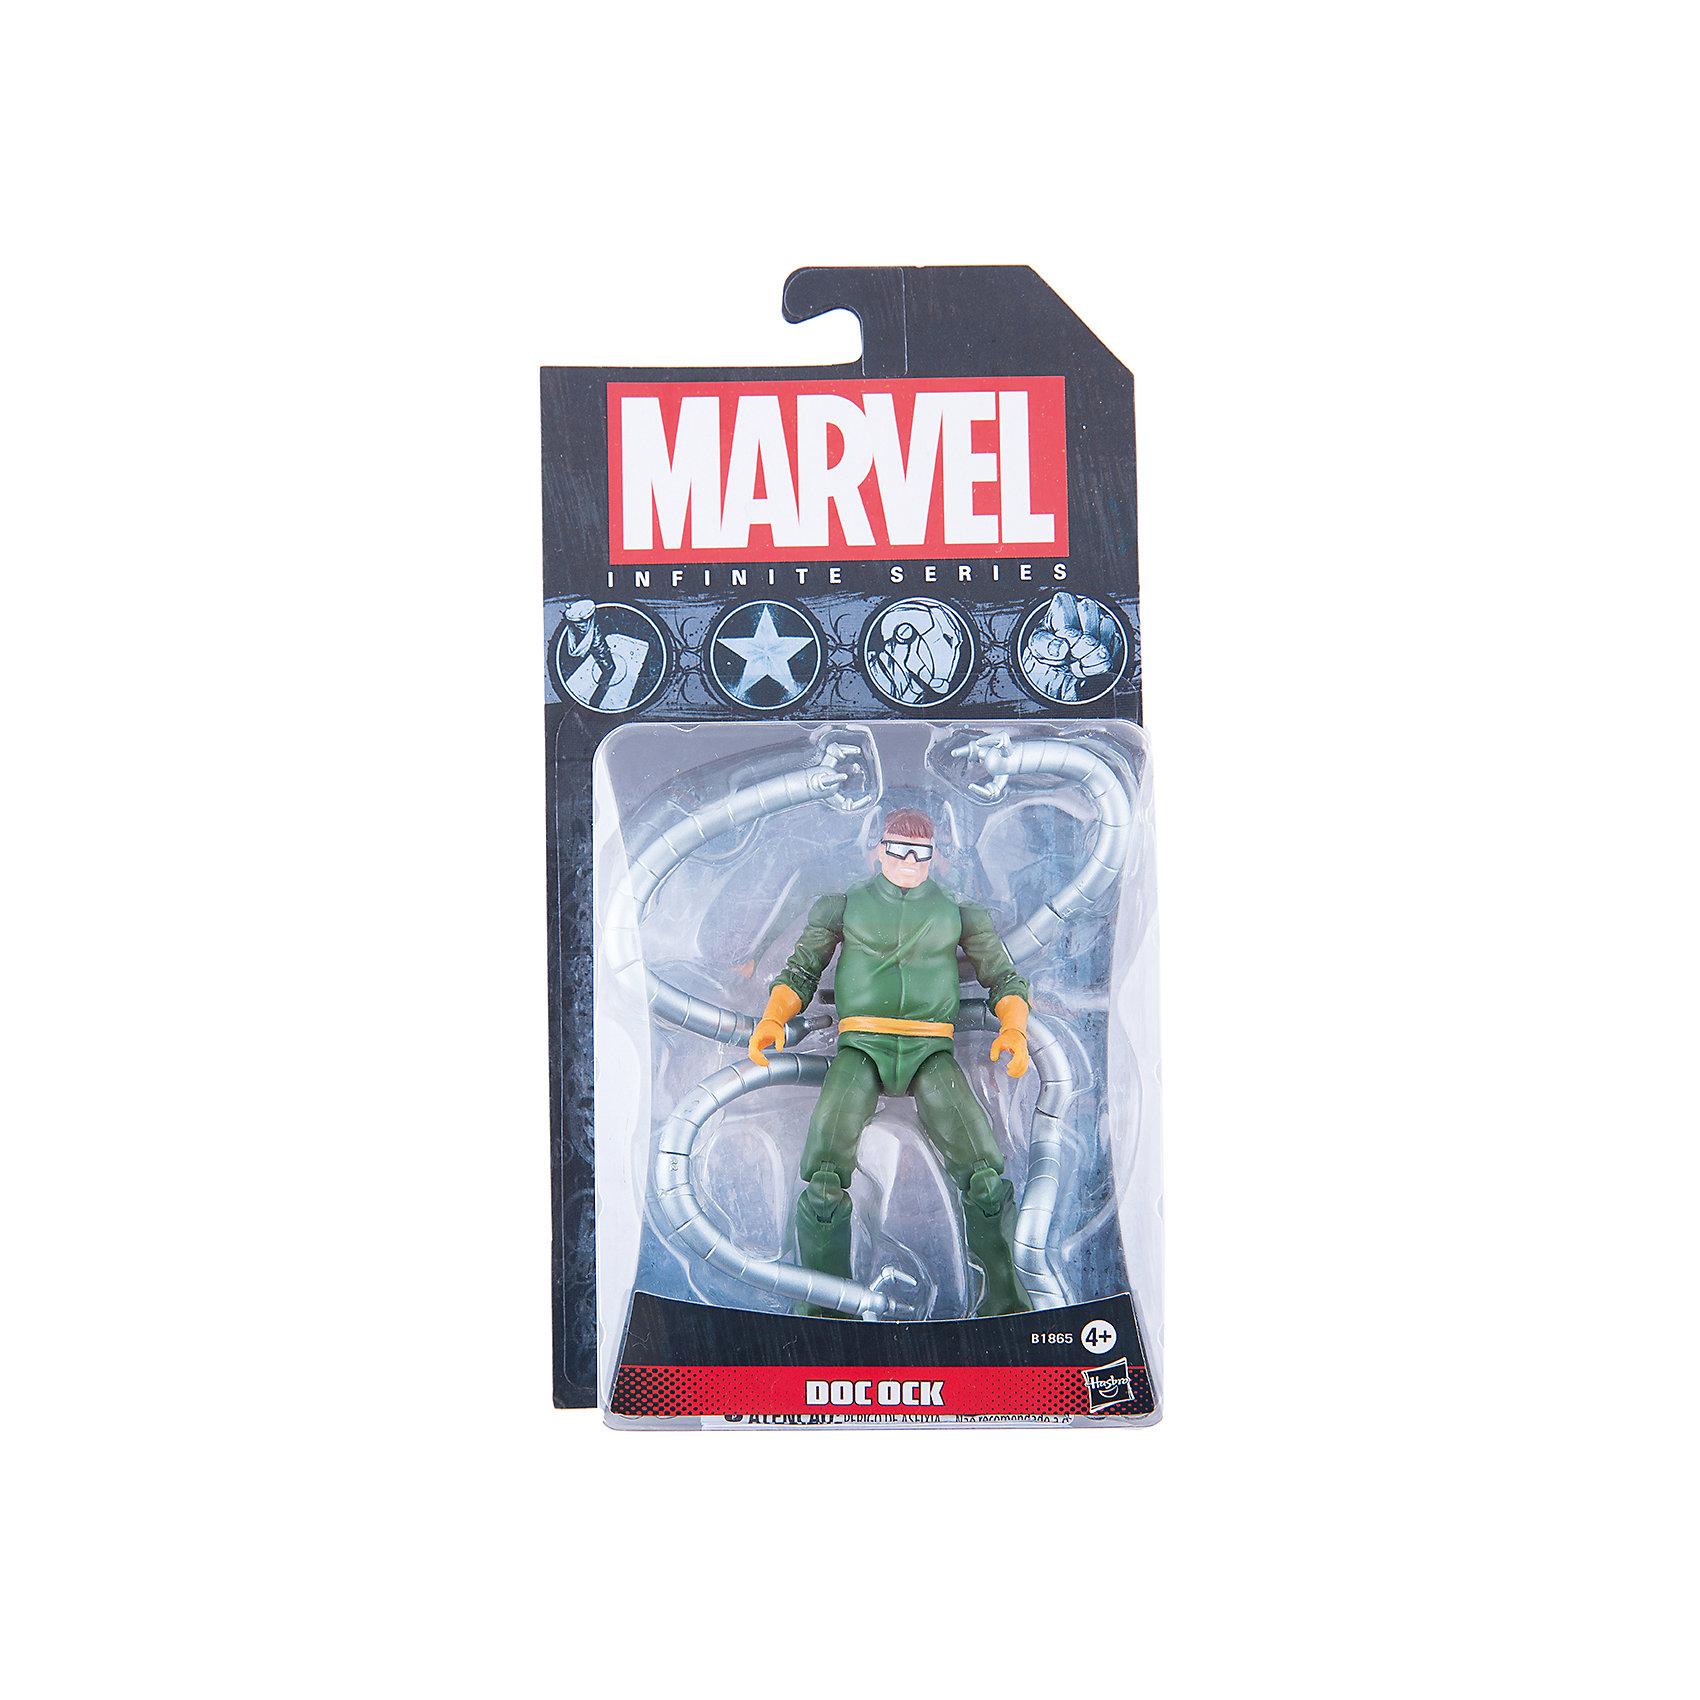 Коллекционная фигурка Марвел 9,5 см, Marvel Heroes, B1865/A6749Любимые герои<br>Фигурка Доктора Октавиуса, заклятого врага Человека-Паука, обязательно понравится всем поклонникам Marvel. Фигурка прекрасно детализирована, обладает подвижными конечностями и щупальцами, что позволяет ей принимать разнообразные позы, открывая еще большие возможности для различных игровых сюжетов. Игрушка изготовлена из высококачественного пластика, с применением безопасных, экологичных красителей. <br><br>Дополнительная информация:<br><br>- Материал: пластик.<br>- Размер фигурки: 9,5 см.<br>- Подвижные конечности.<br><br>Коллекционную фигурку Марвел 9,5 см, Marvel Heroes, можно купить в нашем магазине.<br><br>Ширина мм: 51<br>Глубина мм: 121<br>Высота мм: 229<br>Вес г: 150<br>Возраст от месяцев: 48<br>Возраст до месяцев: 192<br>Пол: Мужской<br>Возраст: Детский<br>SKU: 4563961